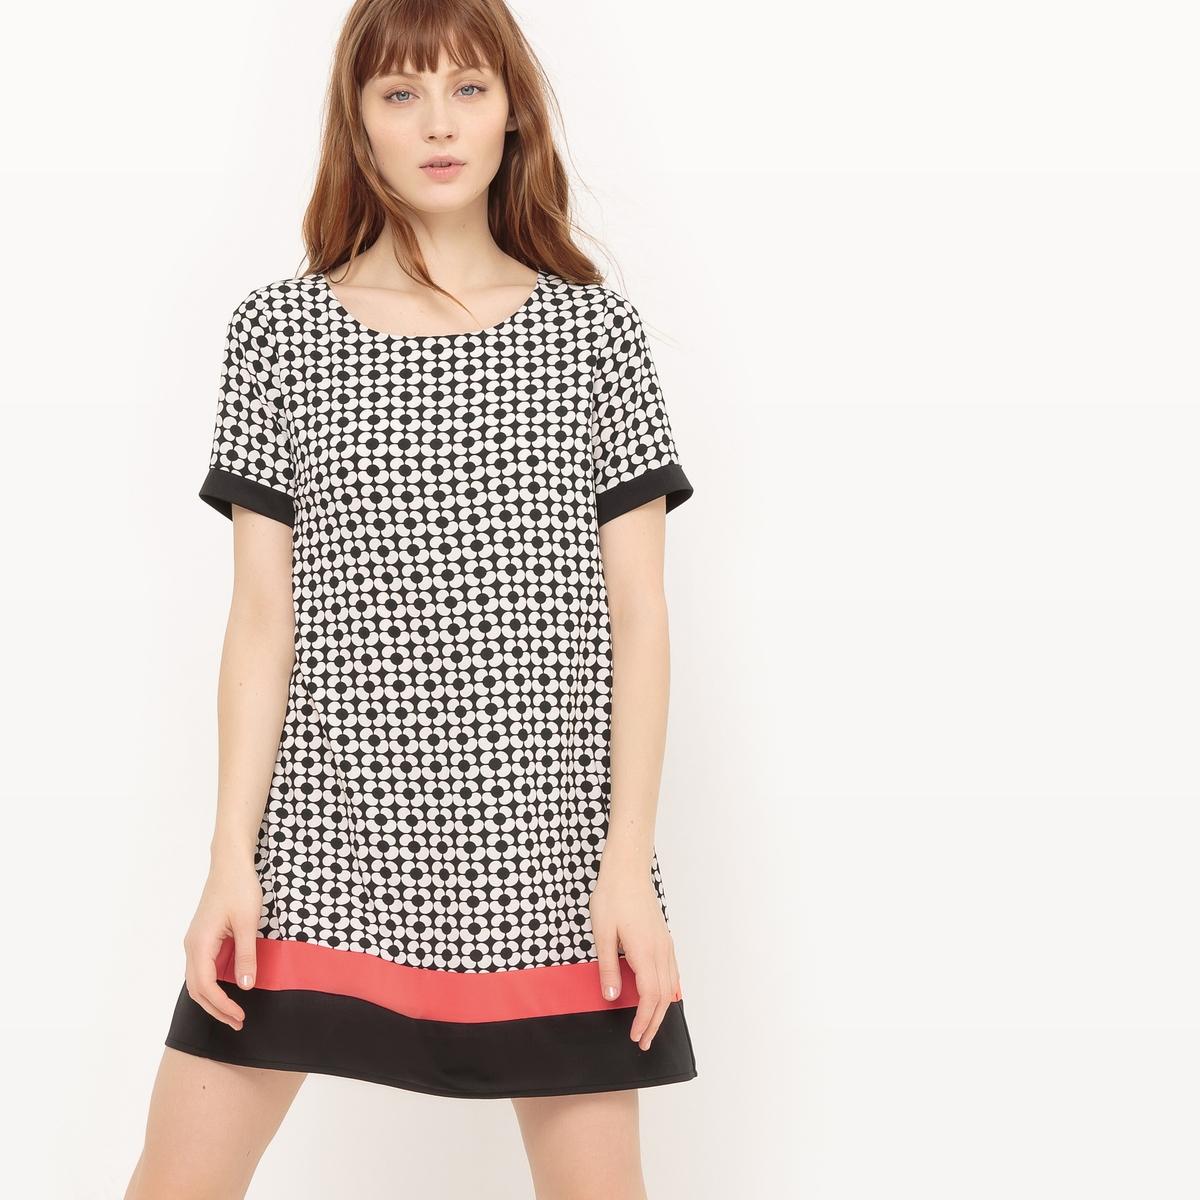 Платье прямое с короткими рукавами и графичным рисункомМатериал : 3% эластана, 97% полиэстера.  Длина рукава : Короткие рукава  Форма воротника : Круглый вырез Покрой платья : платье прямого покроя  Рисунок : графичный  Длина платья : короткое.<br><br>Цвет: рисунок черный<br>Размер: XL